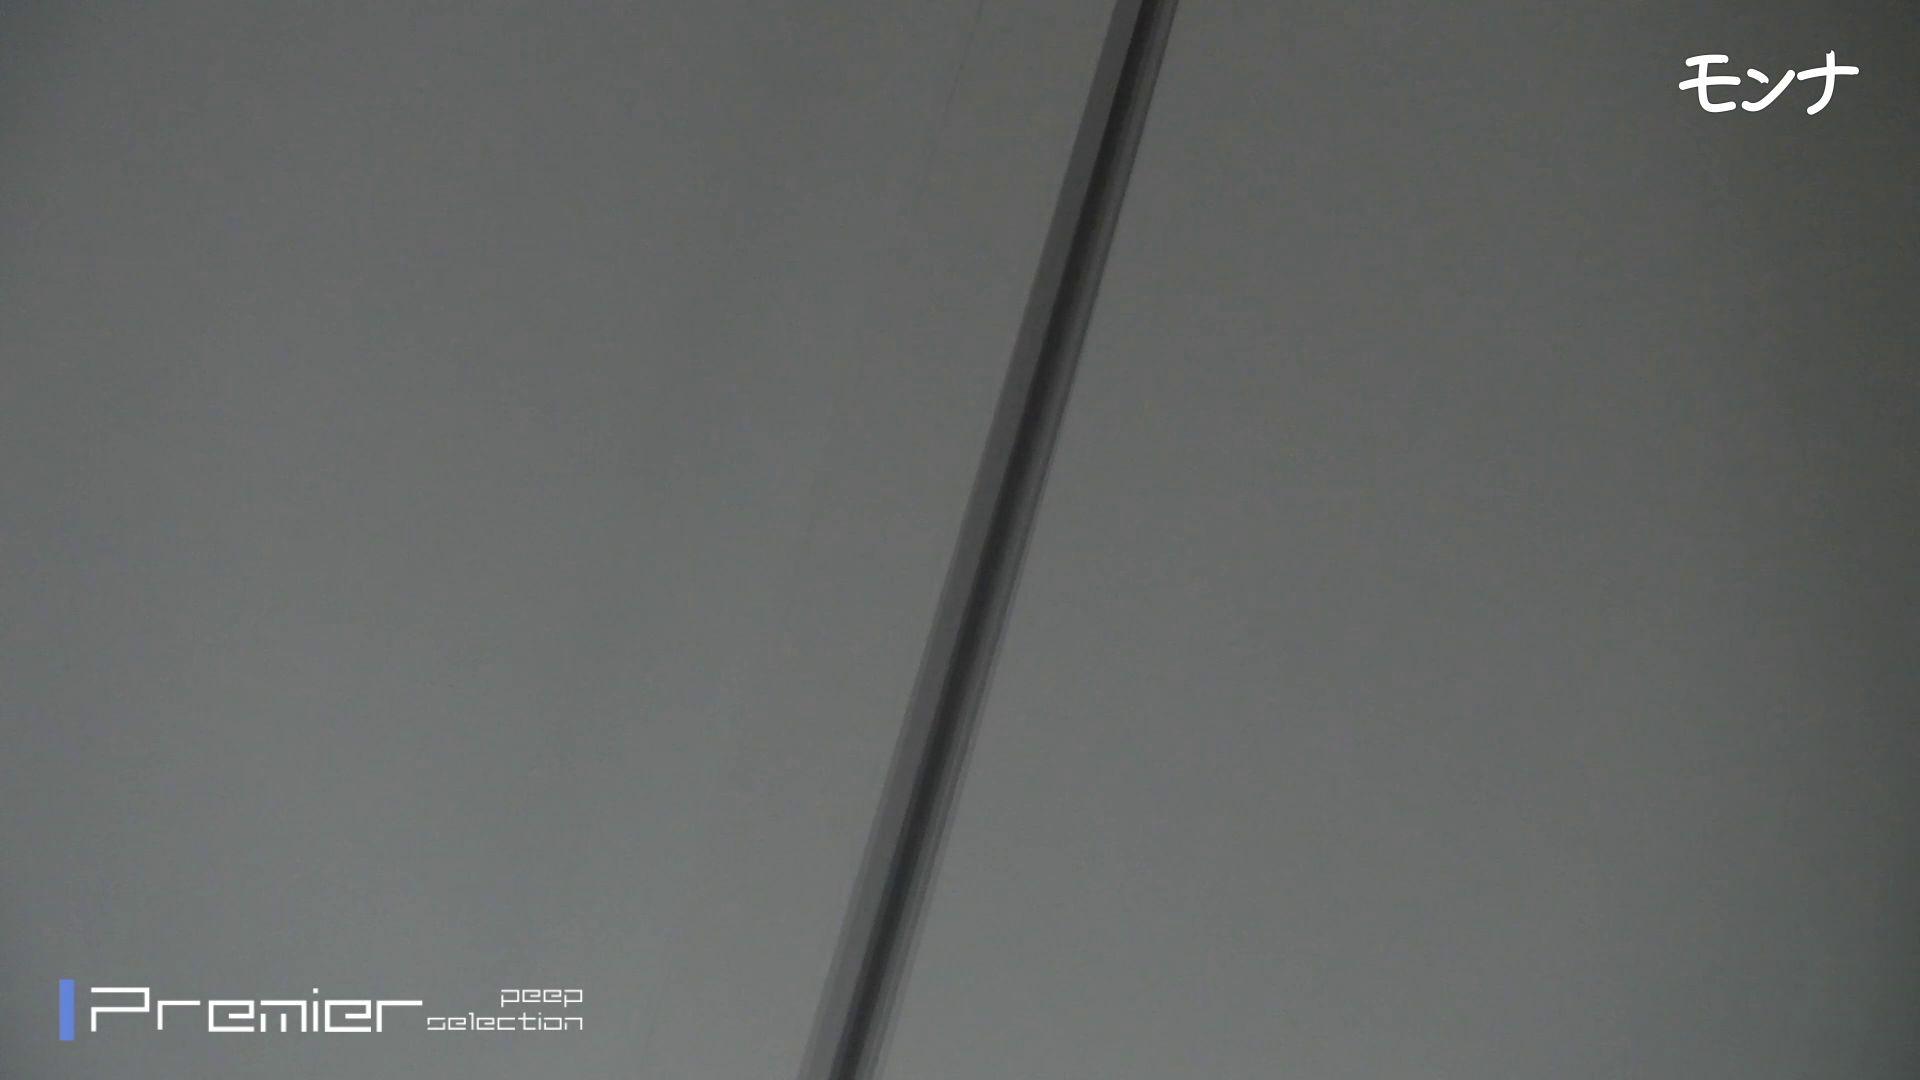 美しい日本の未来 No.84この美脚と距離感 盗撮 AV動画キャプチャ 68PIX 11